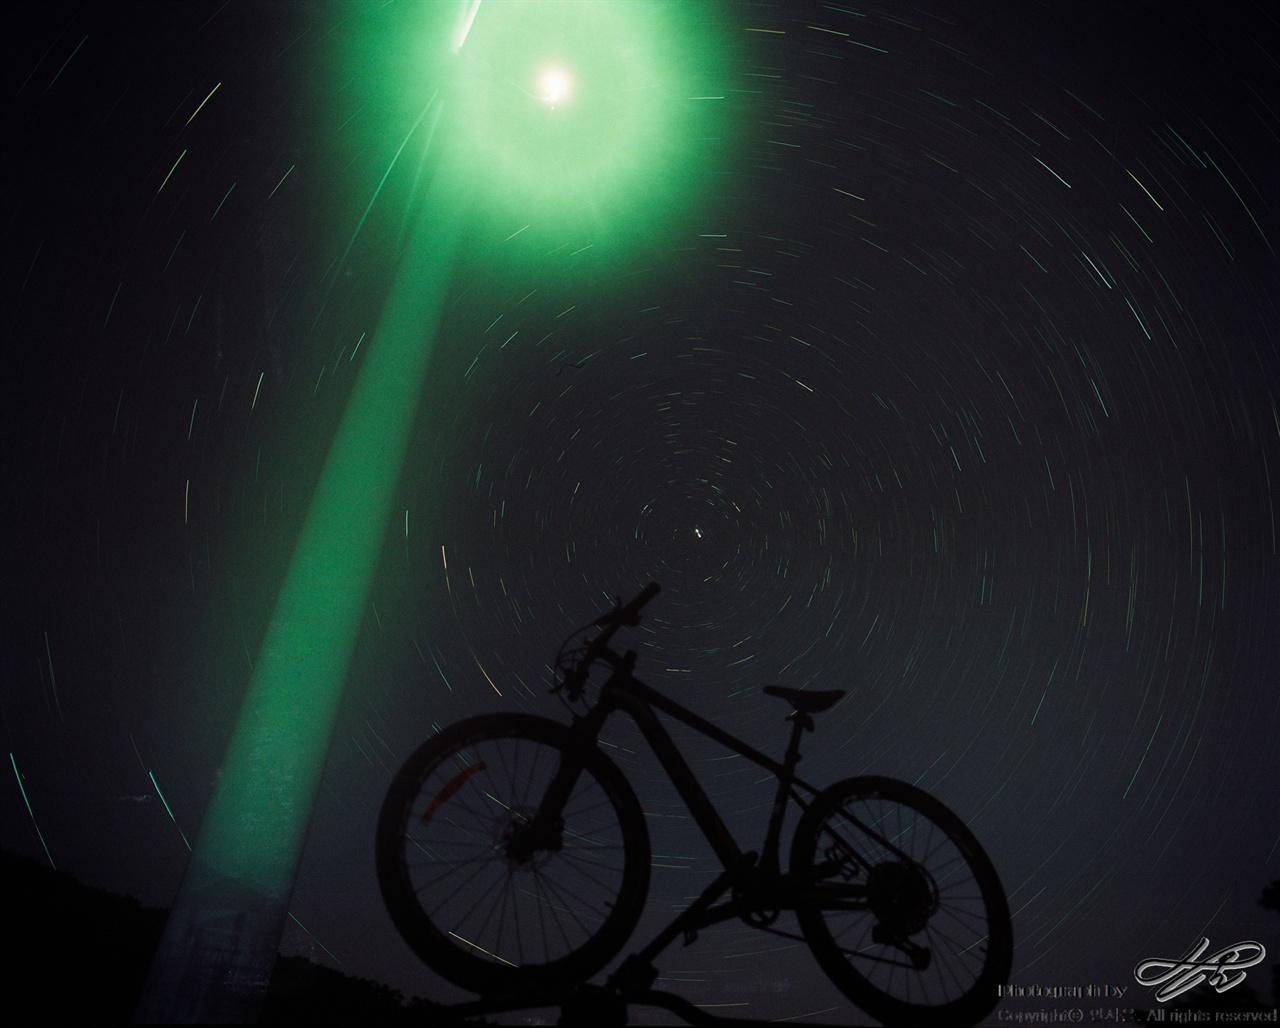 우주를 달리는 자전거 (6*7중형/Pro400H)차 위에 자전거를 올리고 풍력발전기의 조명을 배경 삼아 별 일주 사진을 담았다. 자전거 타는 여정이 많았던 이번 여행을 상징하고자 꾸며본 구성.